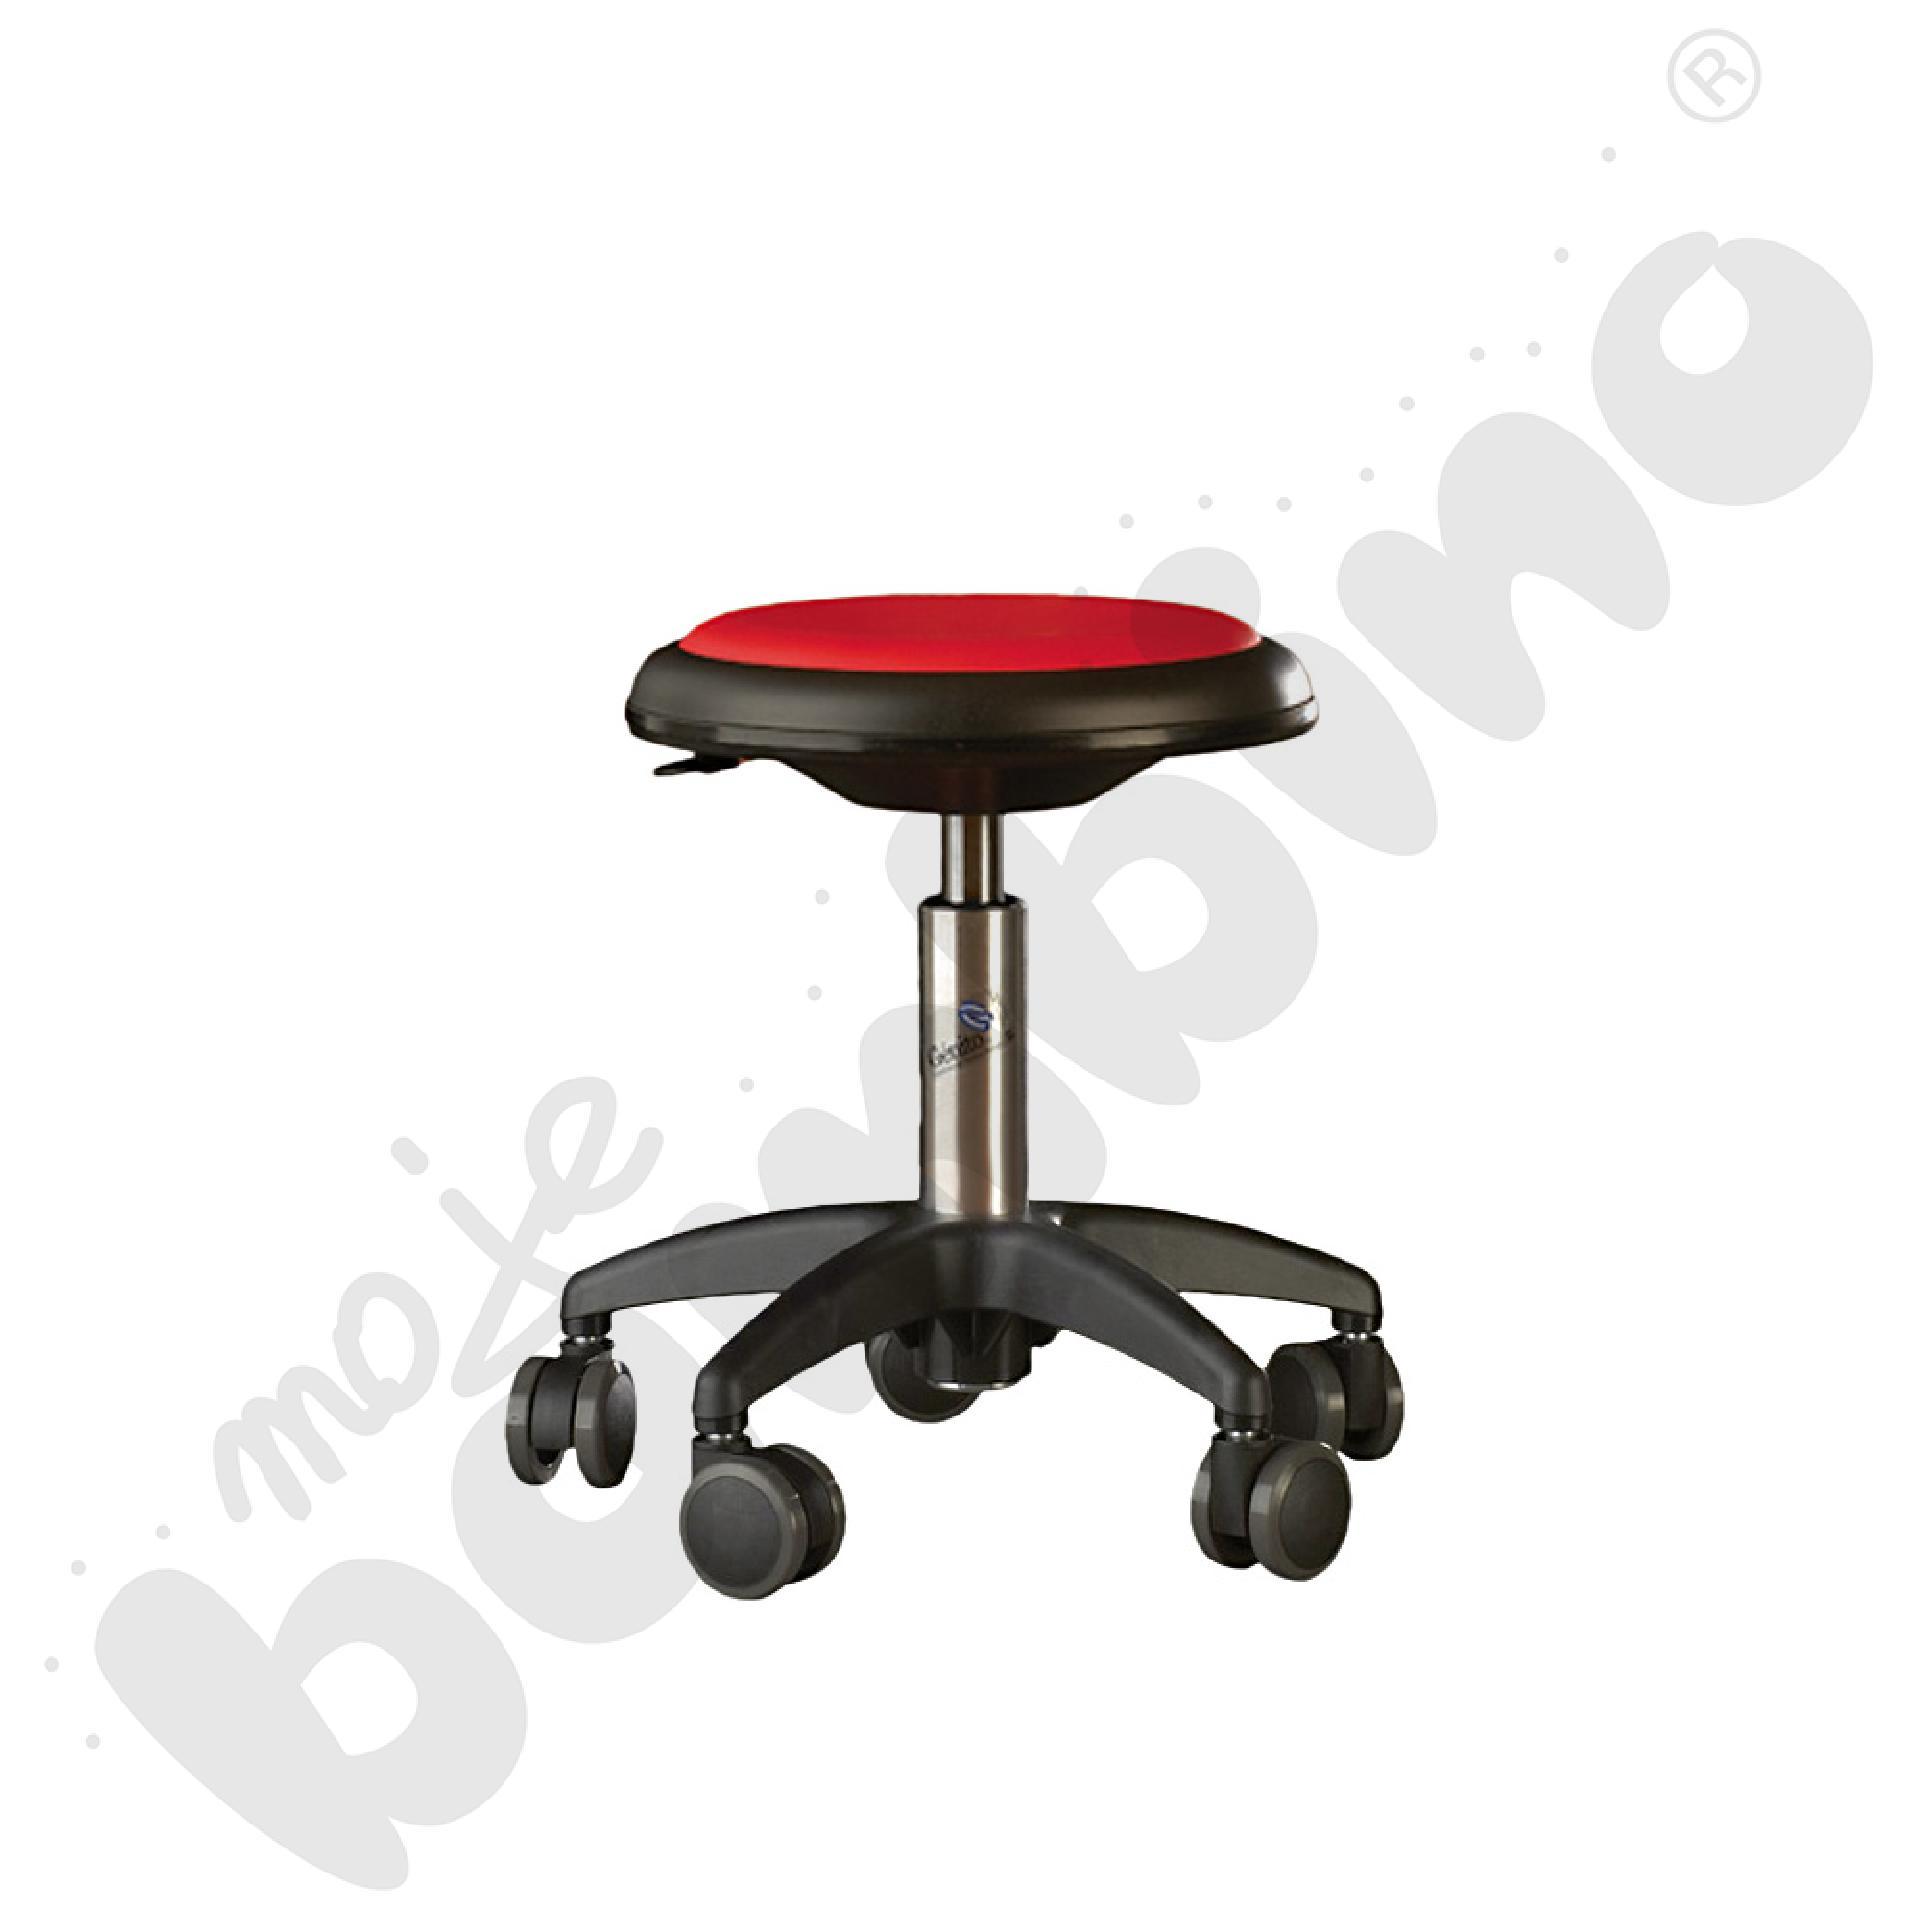 Krzesło Genito, wys. 38-48 cm - czerwone